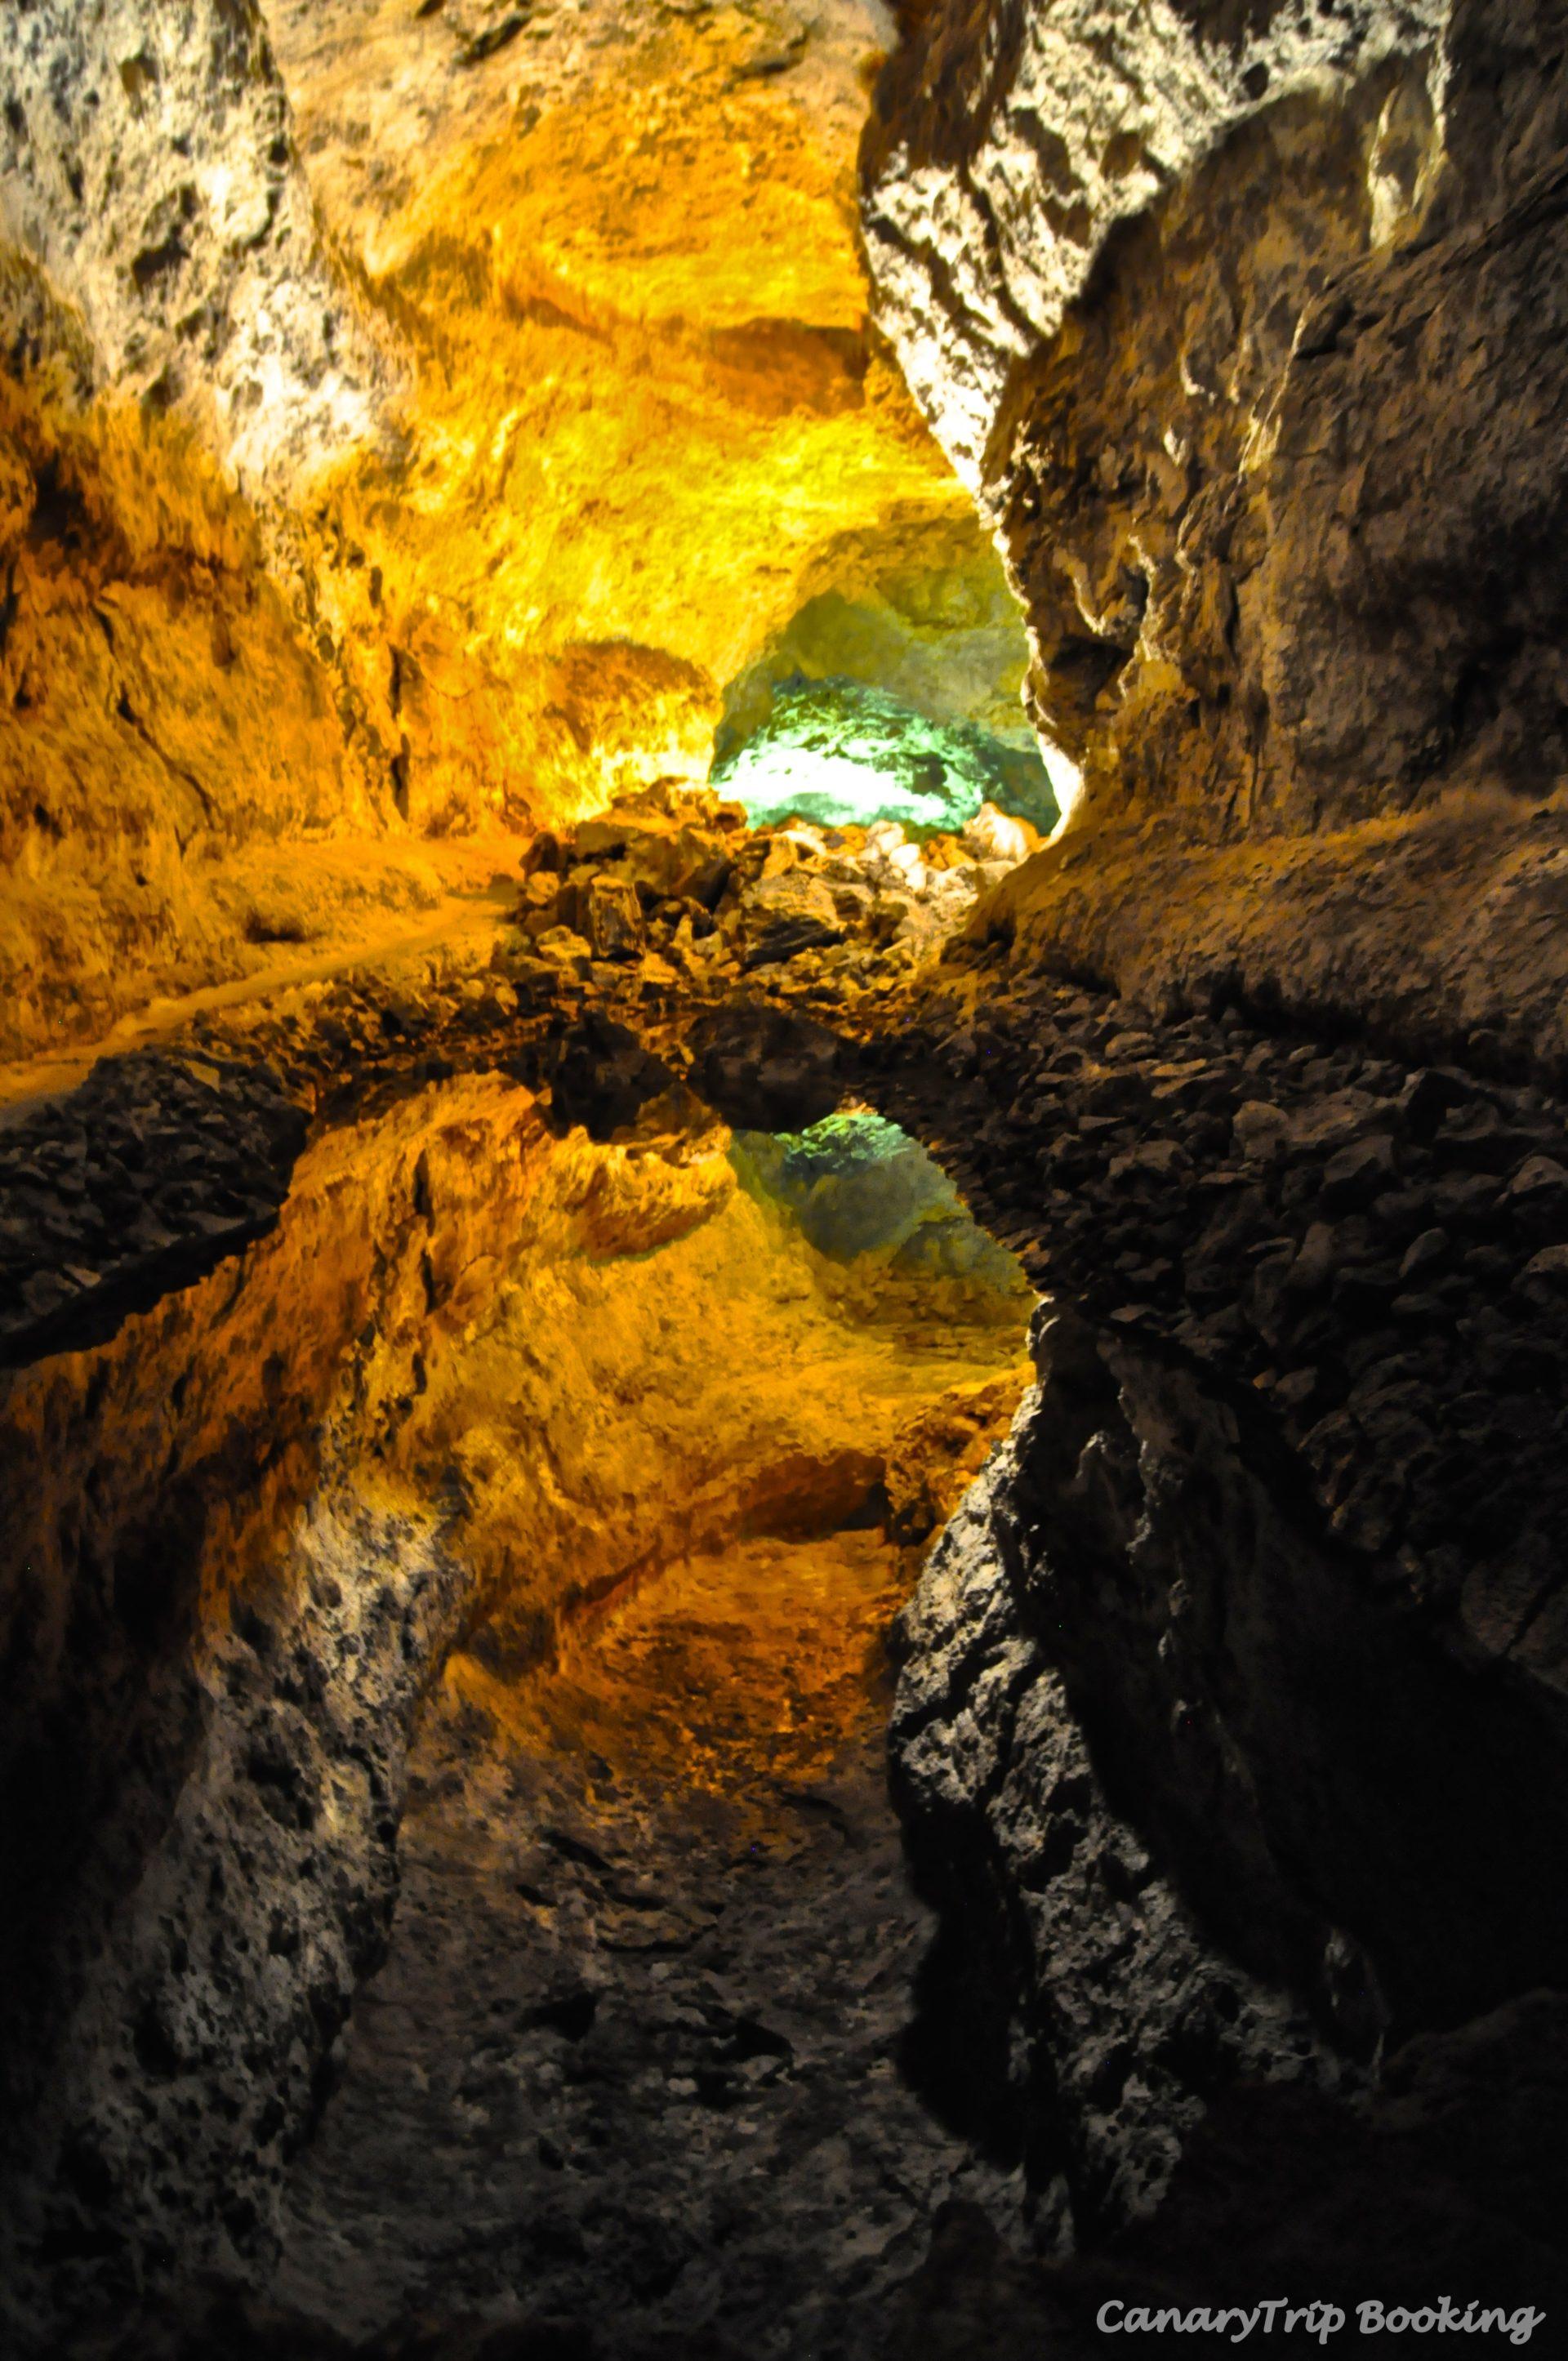 iluminacion-cueva-de-los-verdes-canary-trip-booking